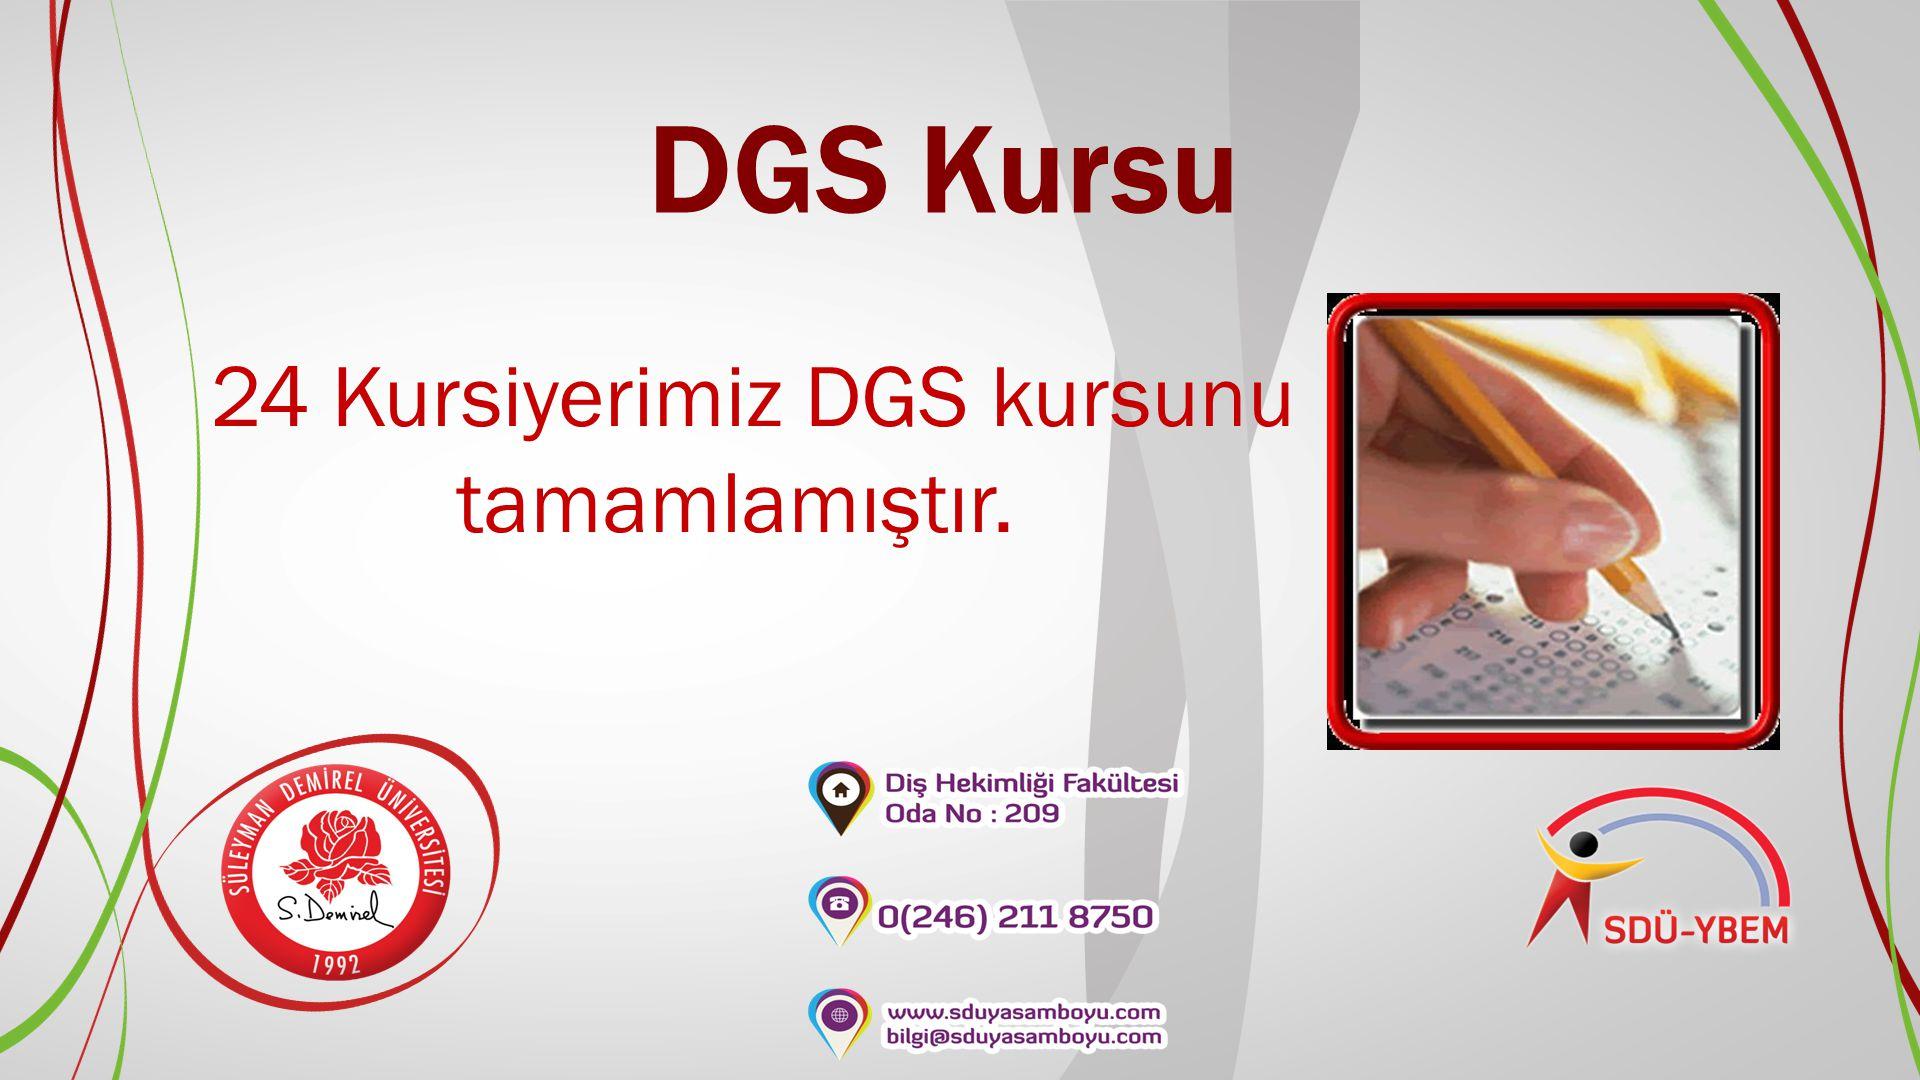 DGS Kursu 24 Kursiyerimiz DGS kursunu tamamlamıştır.